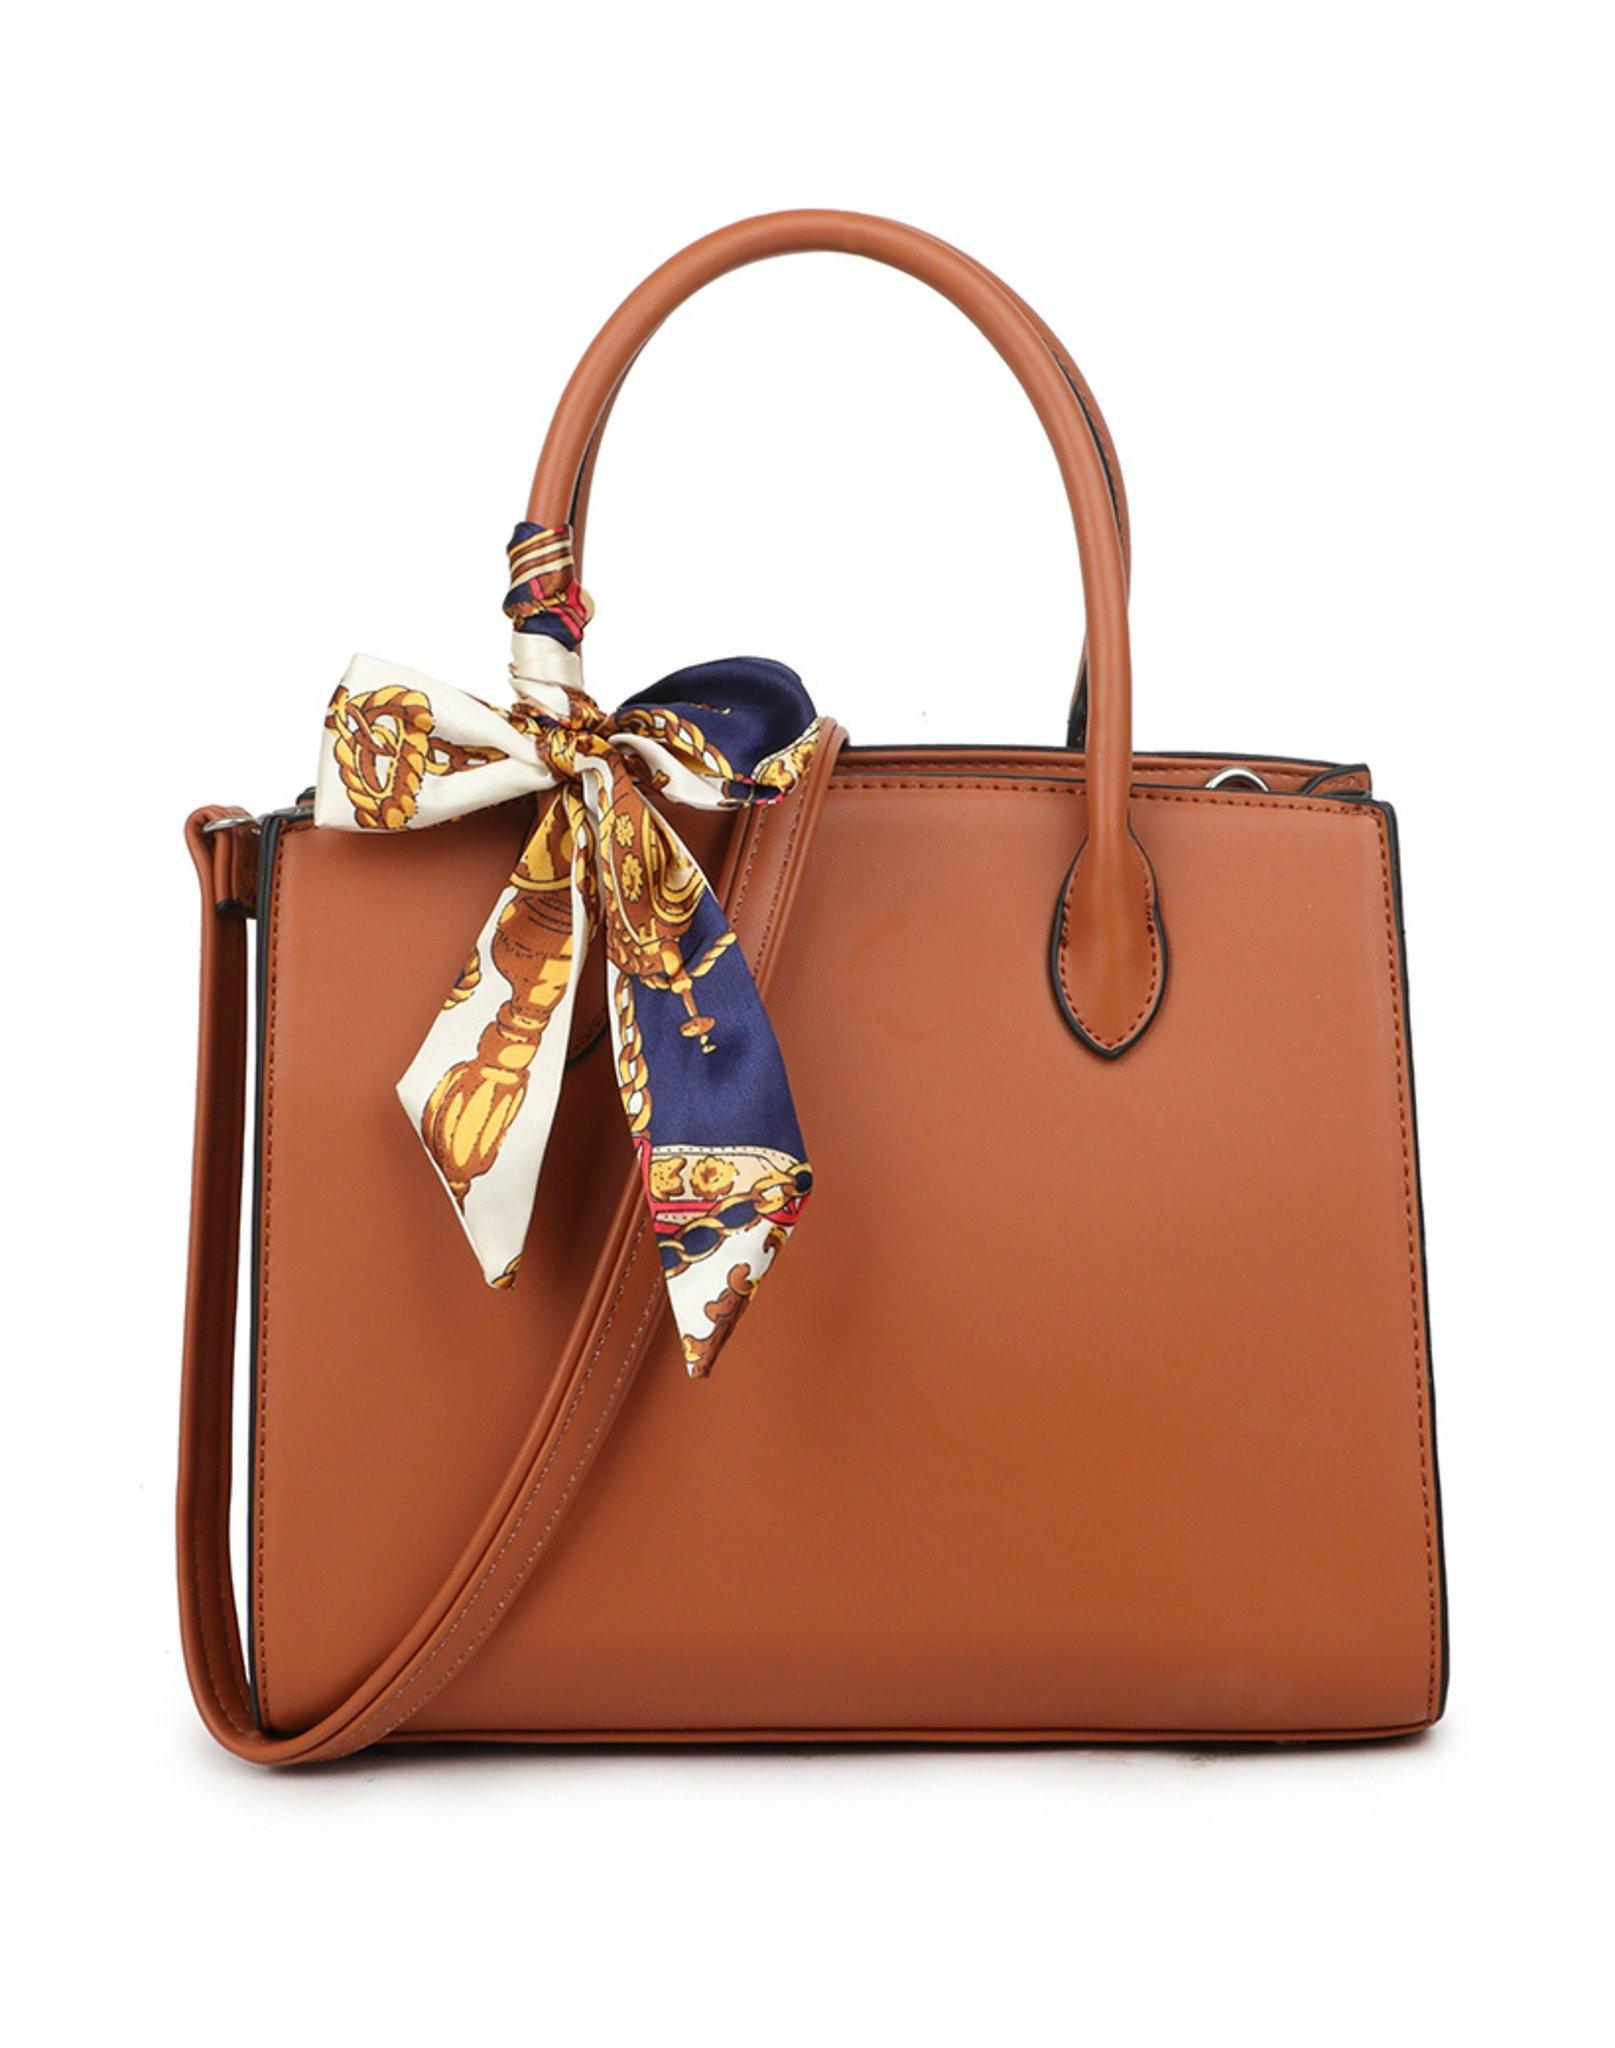 Handtas Pretty Simple bruin bruine dames tassen sjaaltje luxe trendy kopen